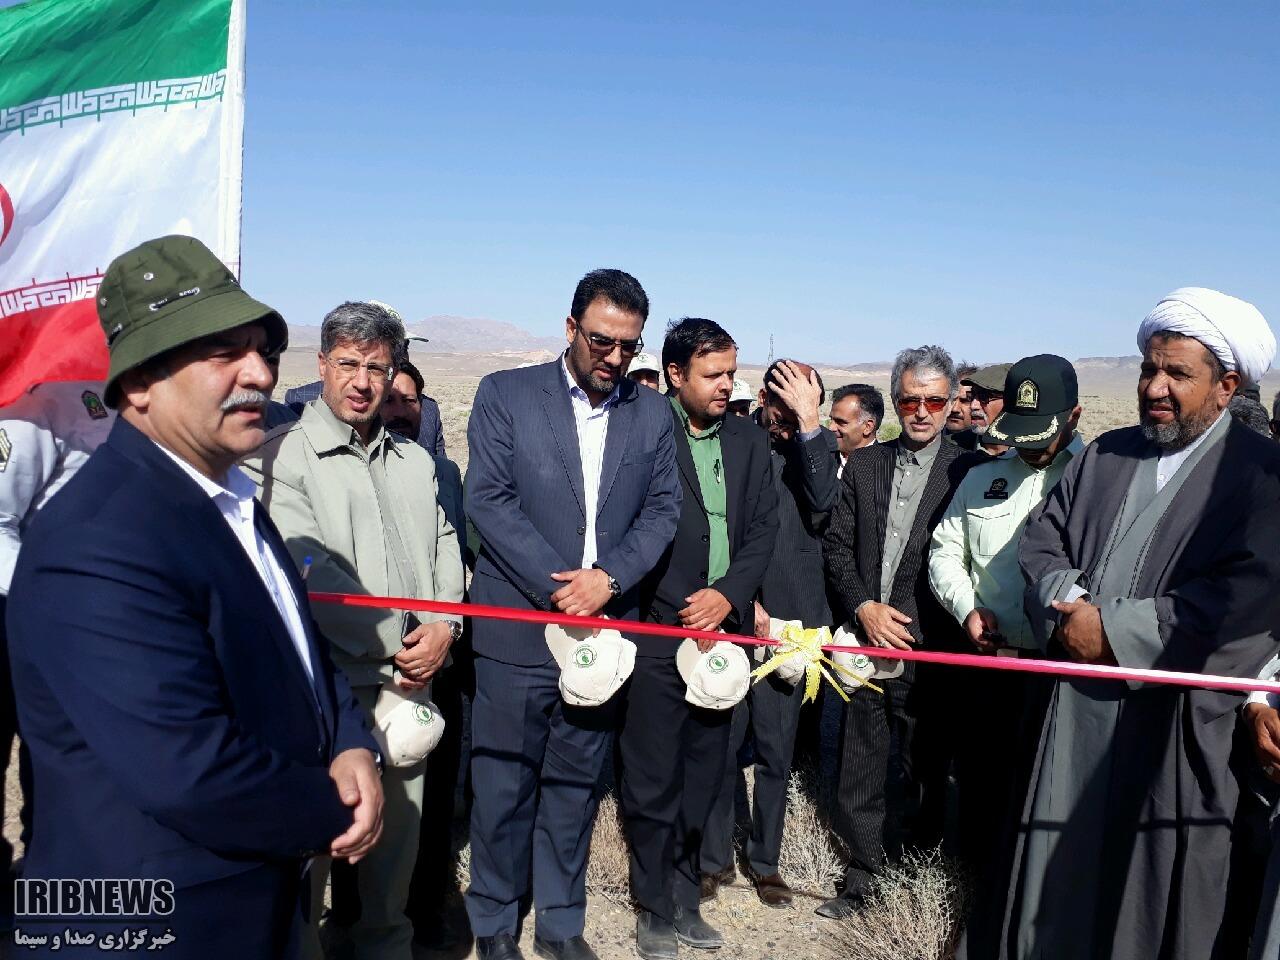 افتتاح 145هکتار طرح نهال کاری در شهرستان سربیشه